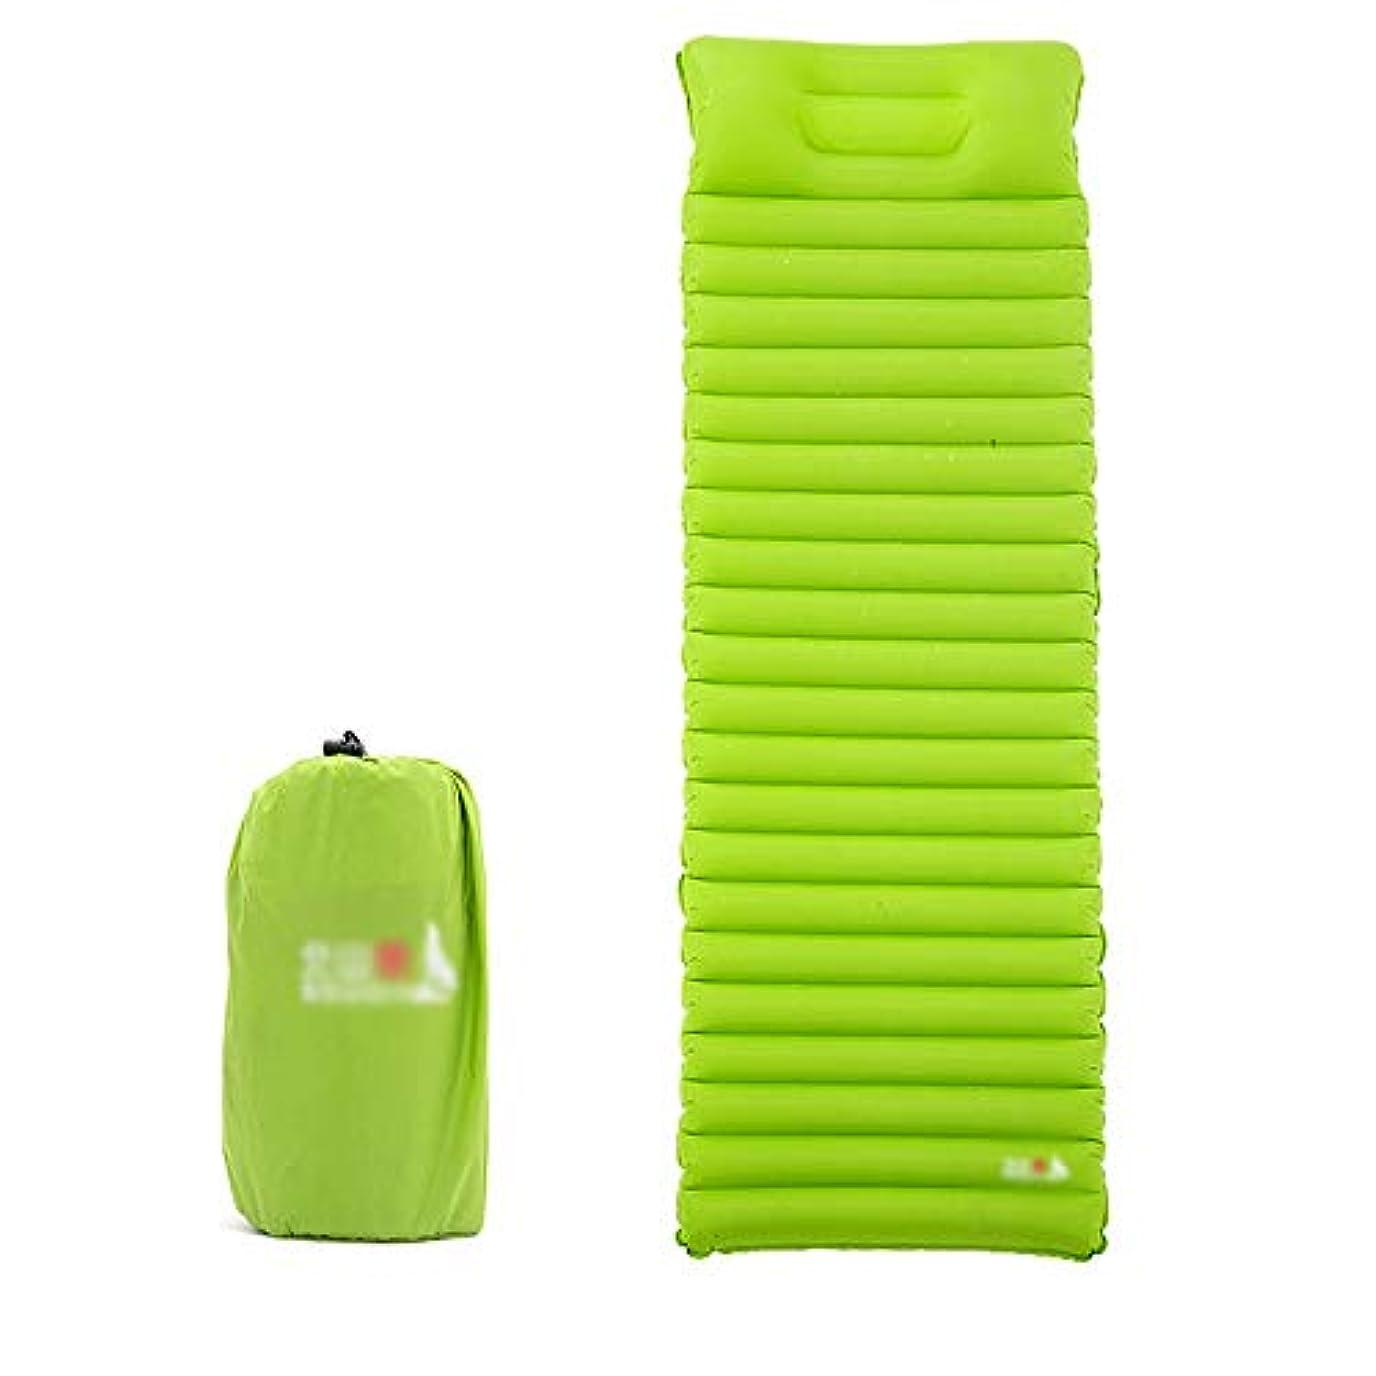 融合位置する残るインフレータブルスリーピングパッド超軽量シングルポータブルエアバッグインフレータブルキャンプマットレス用屋内ヨガ屋外ハイキングバックパックテントピクニック (Color : Green)